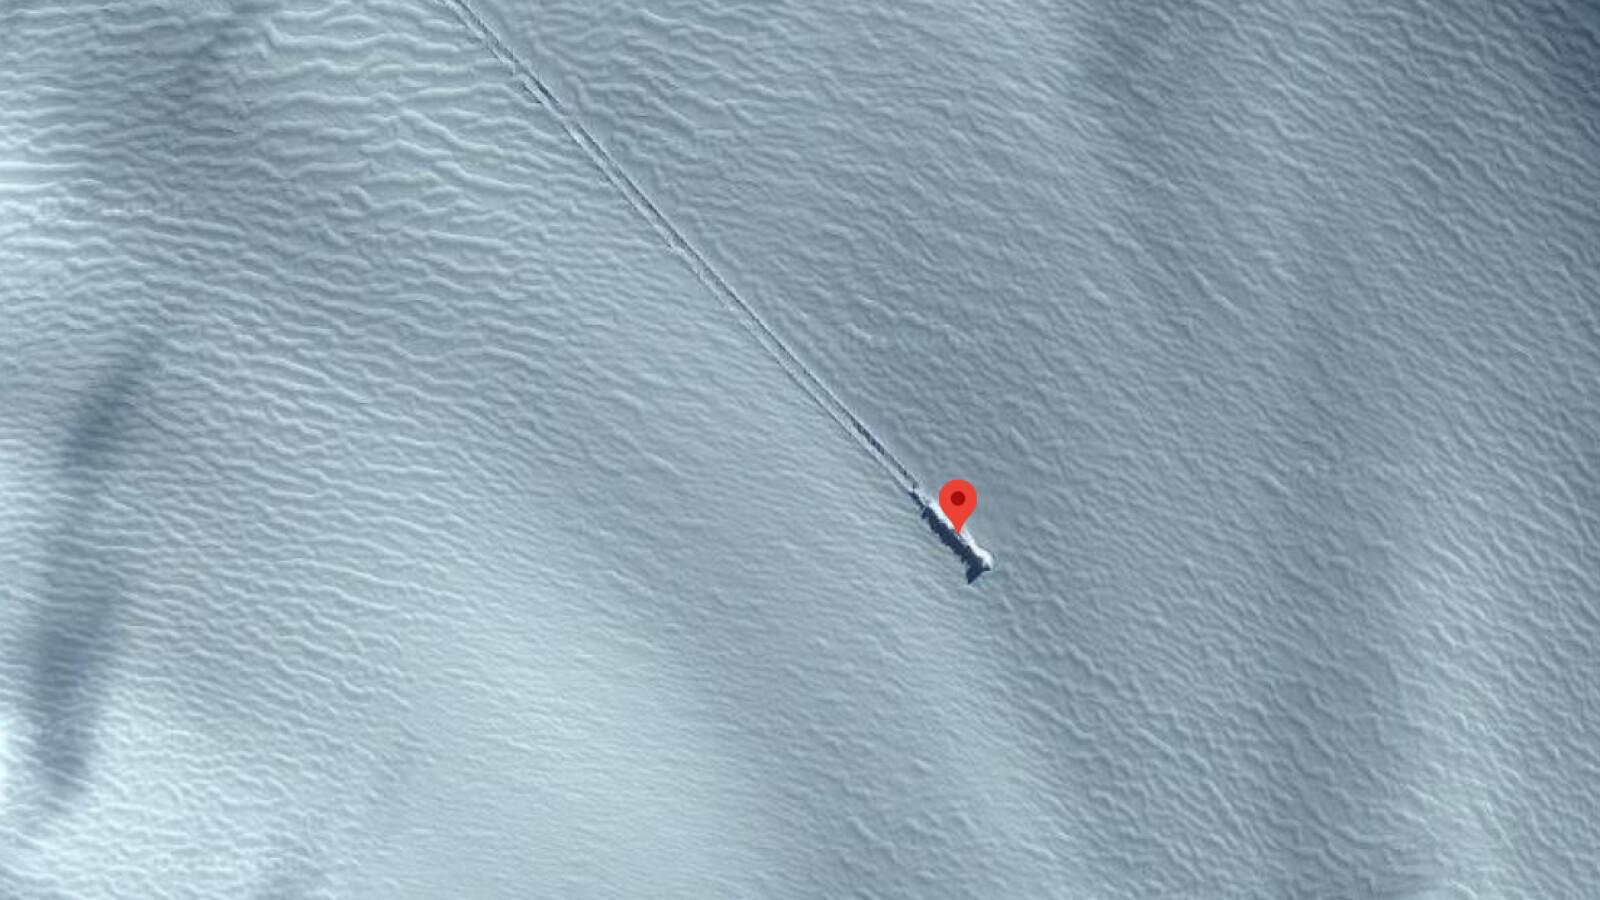 Google Maps: Mysteriöse Schneespur sorgt für Spekulationen - NETZWELT